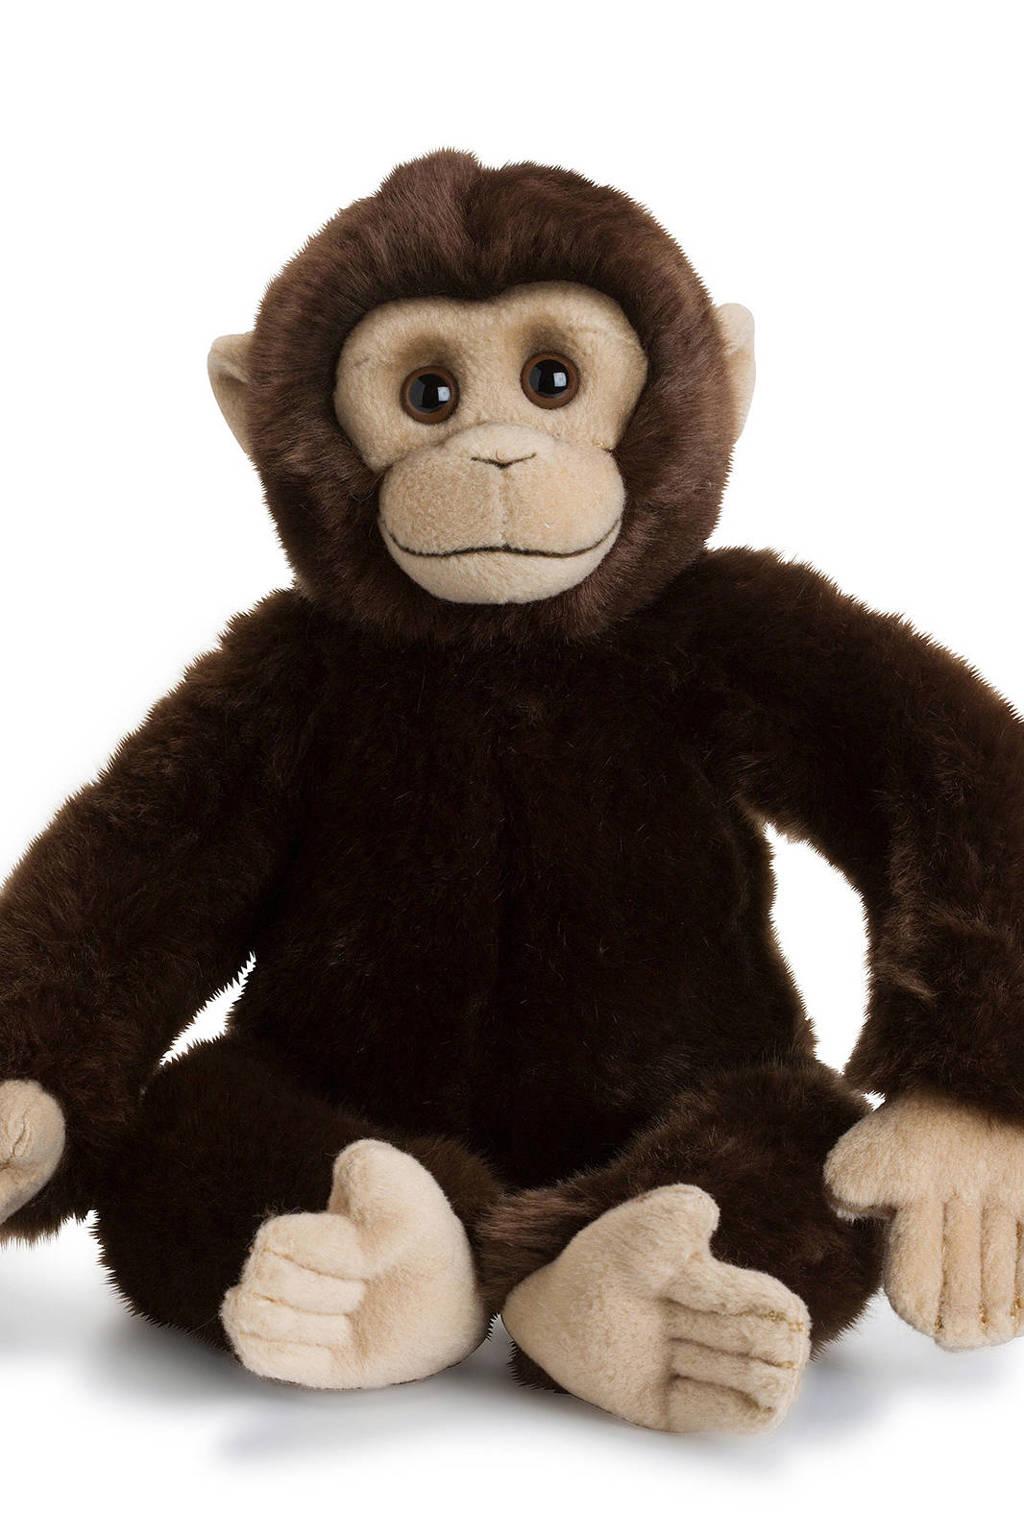 WWF Chimpanzee knuffel 30 cm